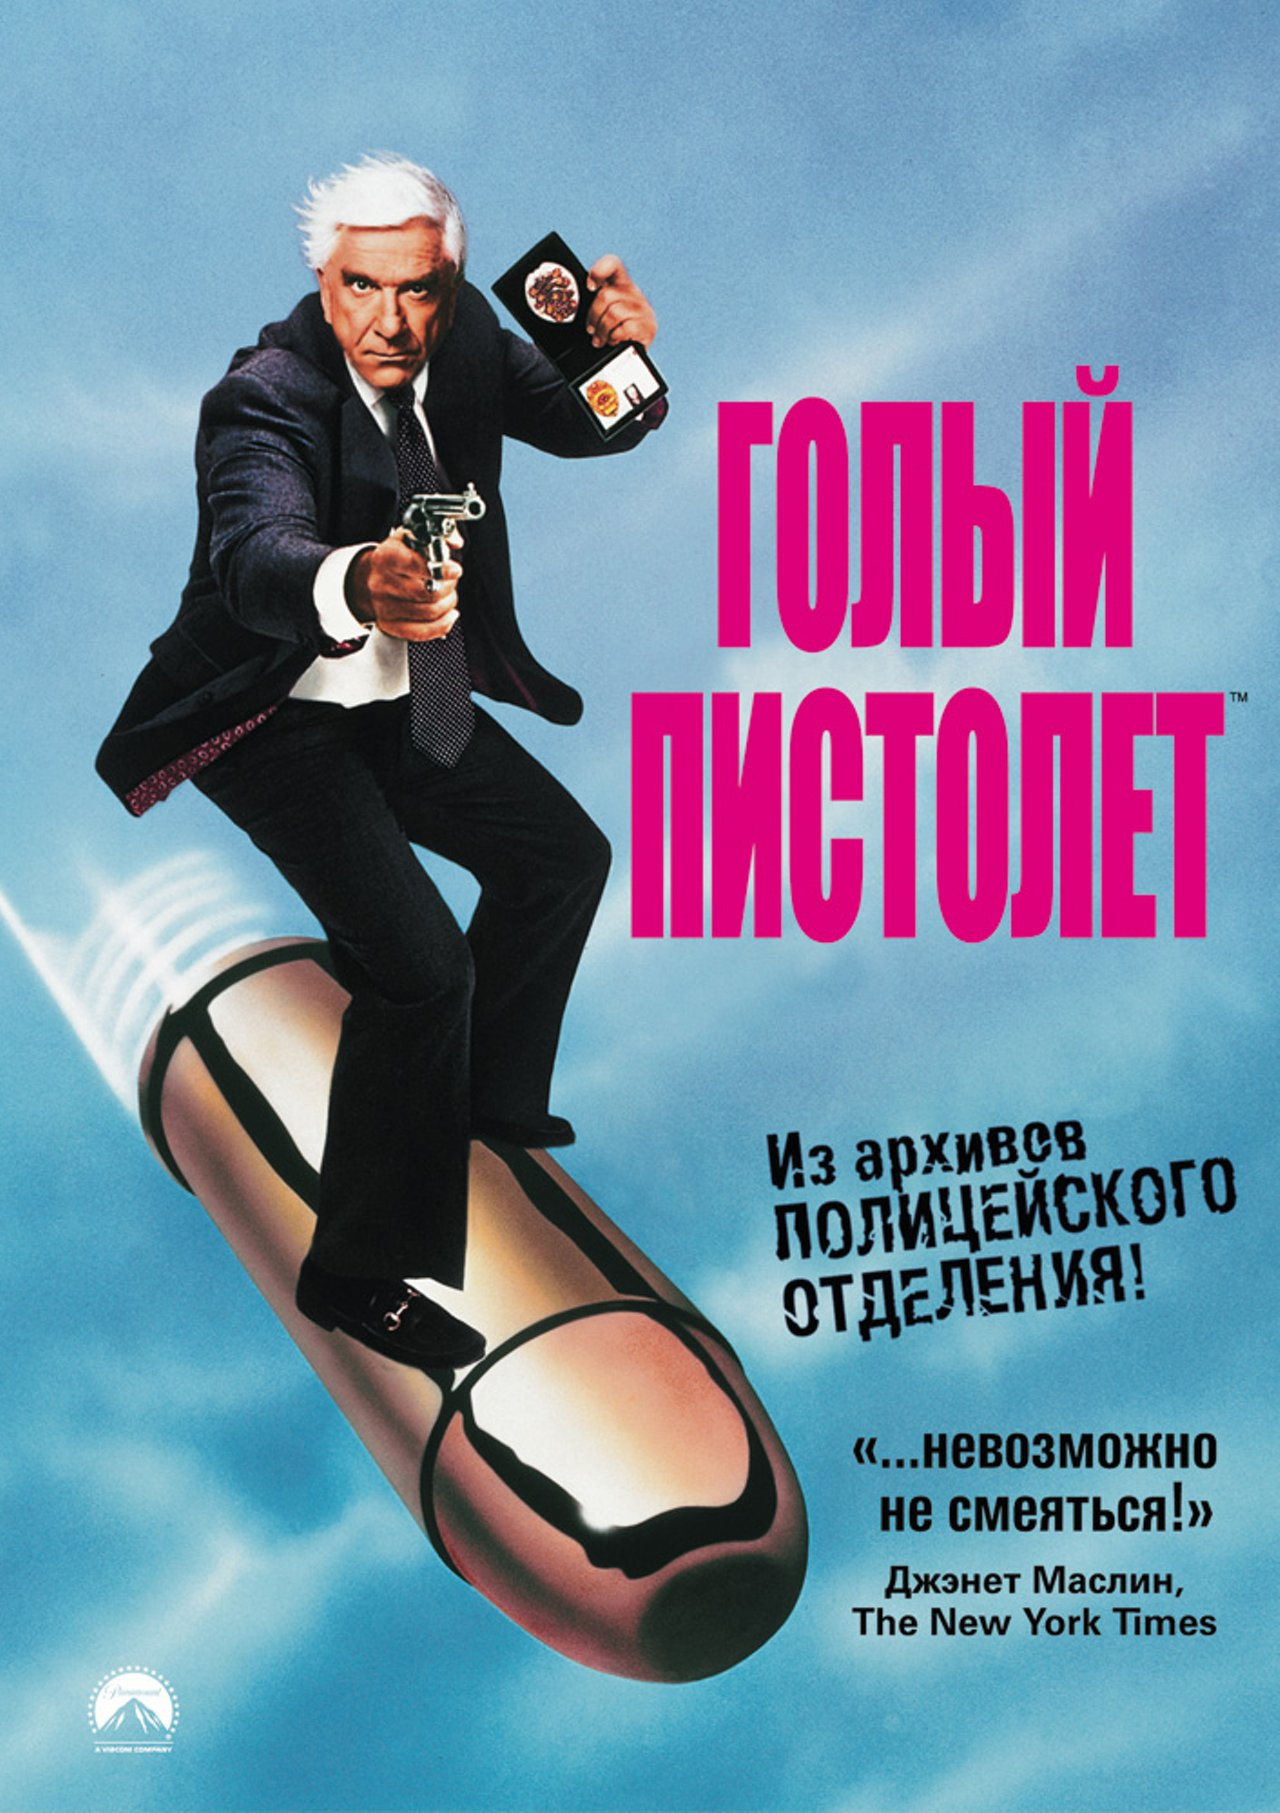 onlayn-kino-goliy-pistolet